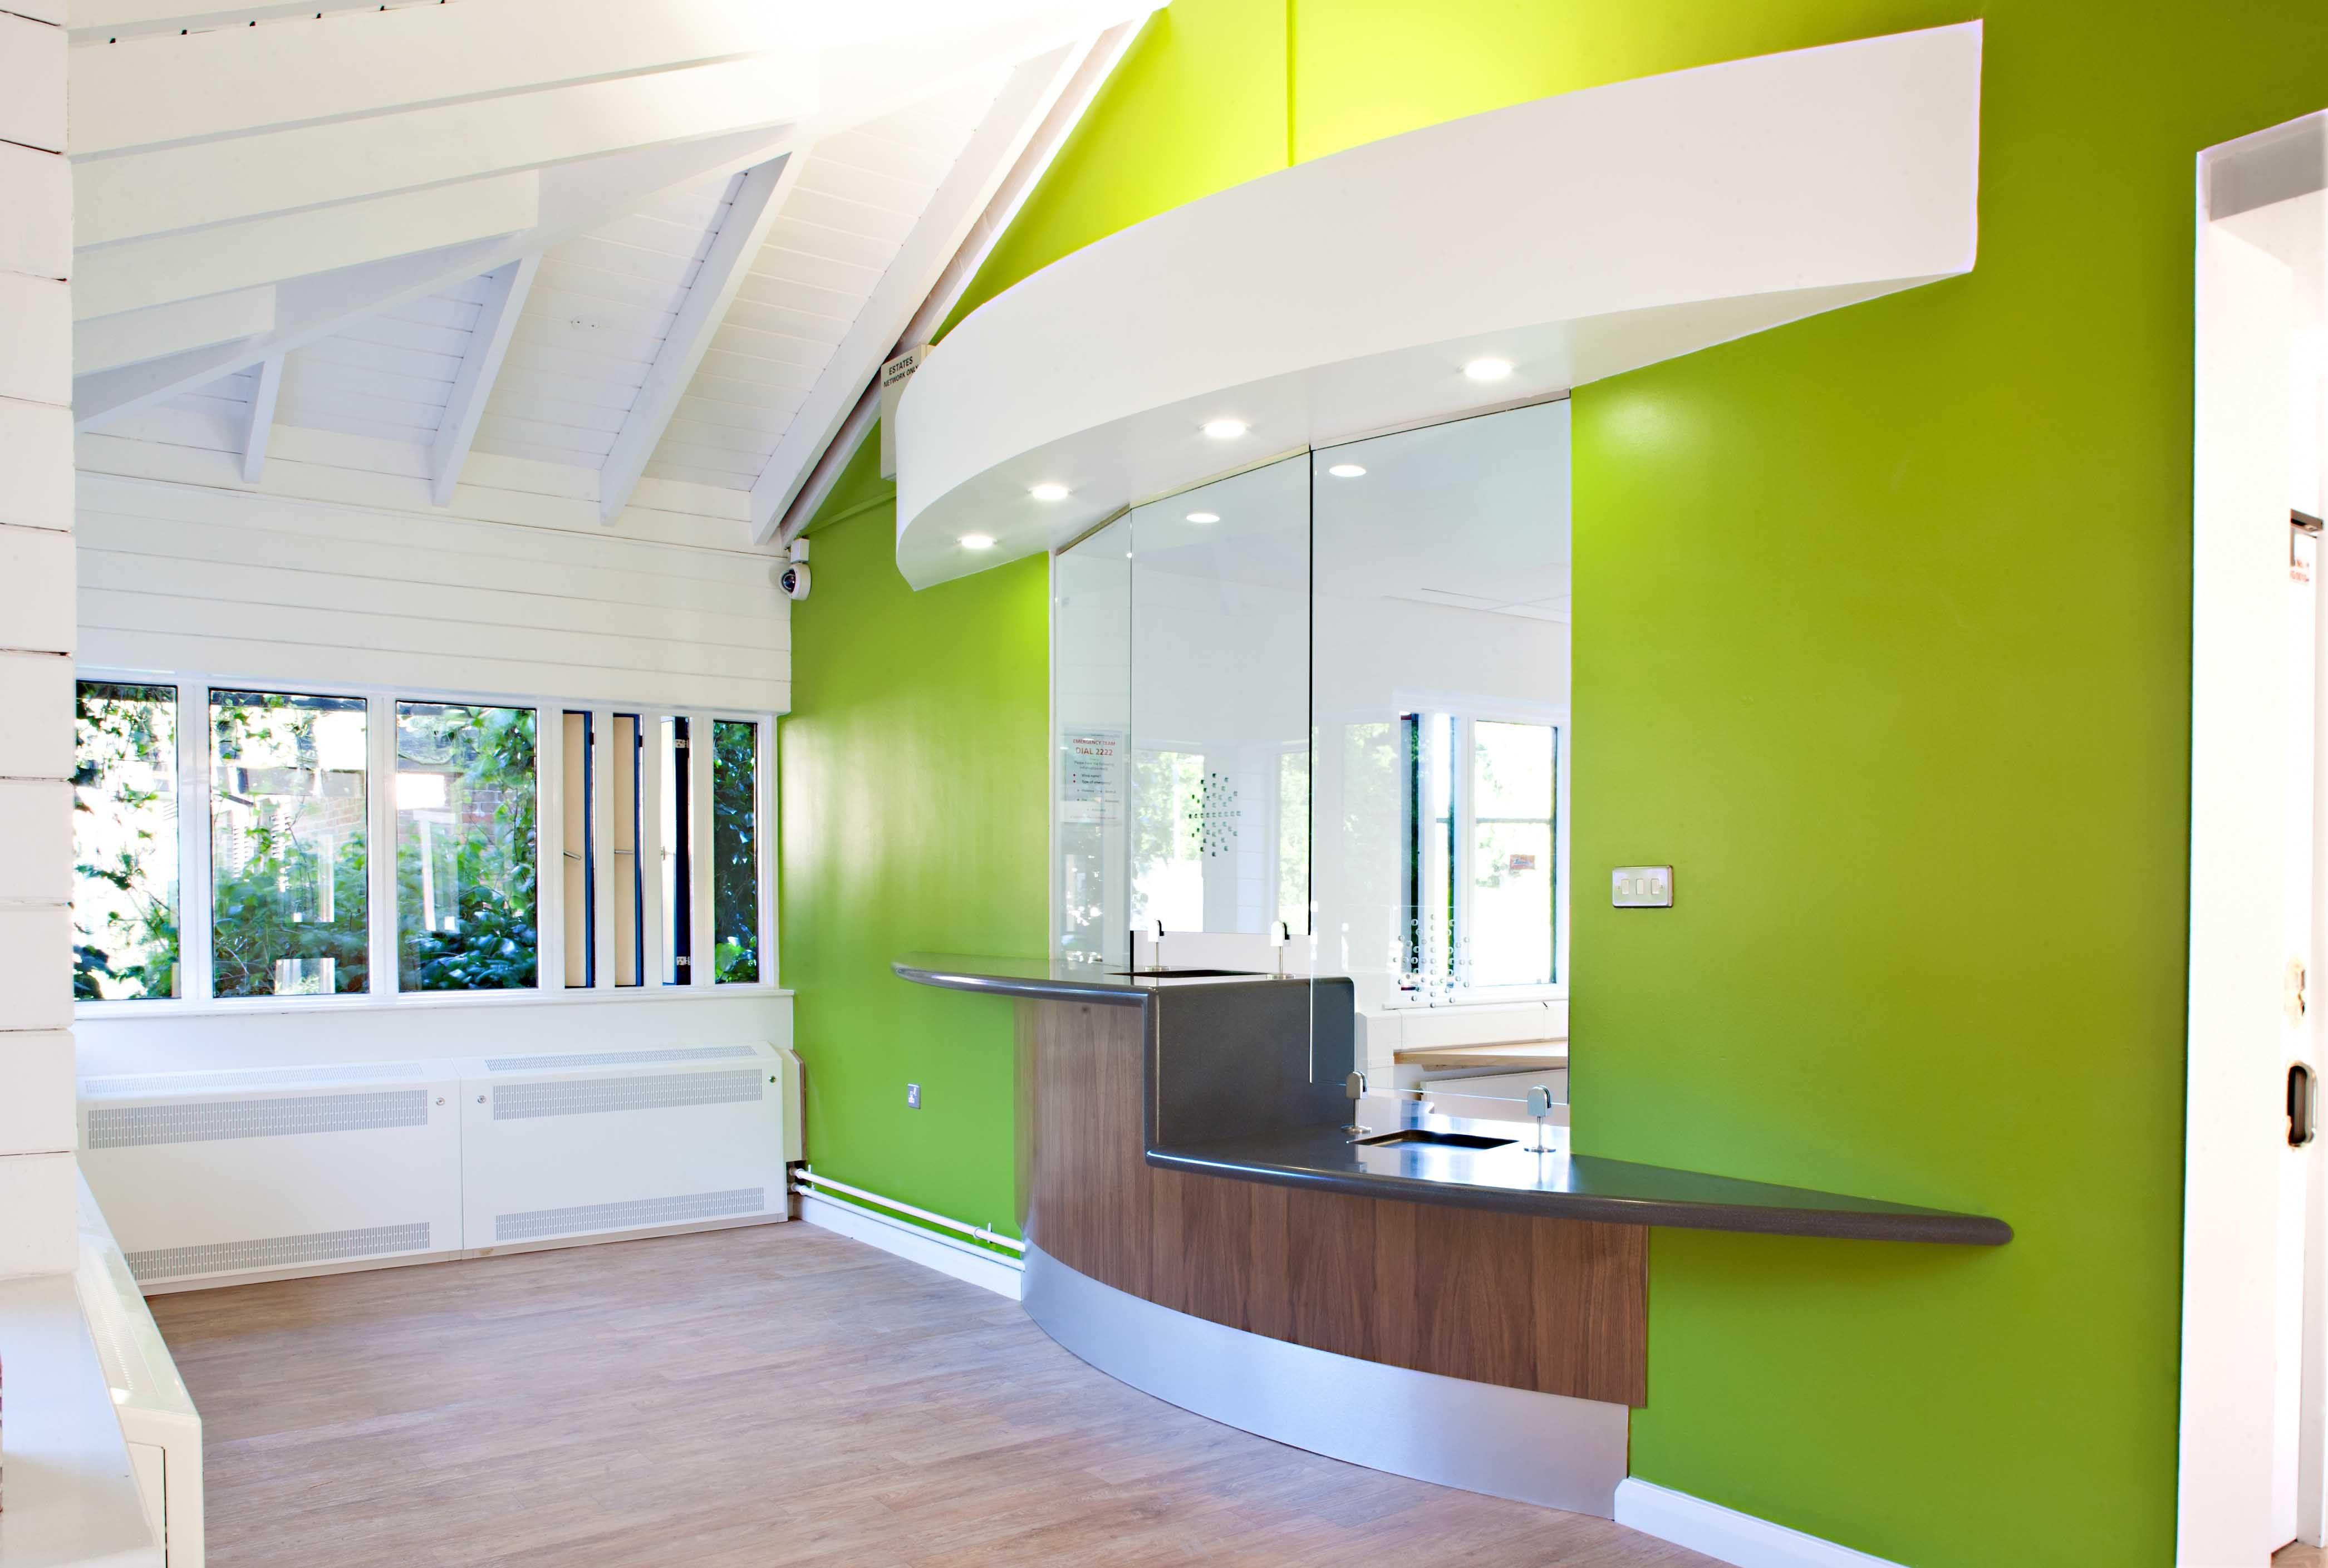 Lighting Basement Washroom Stairs: Image Result For Secure Reception Design